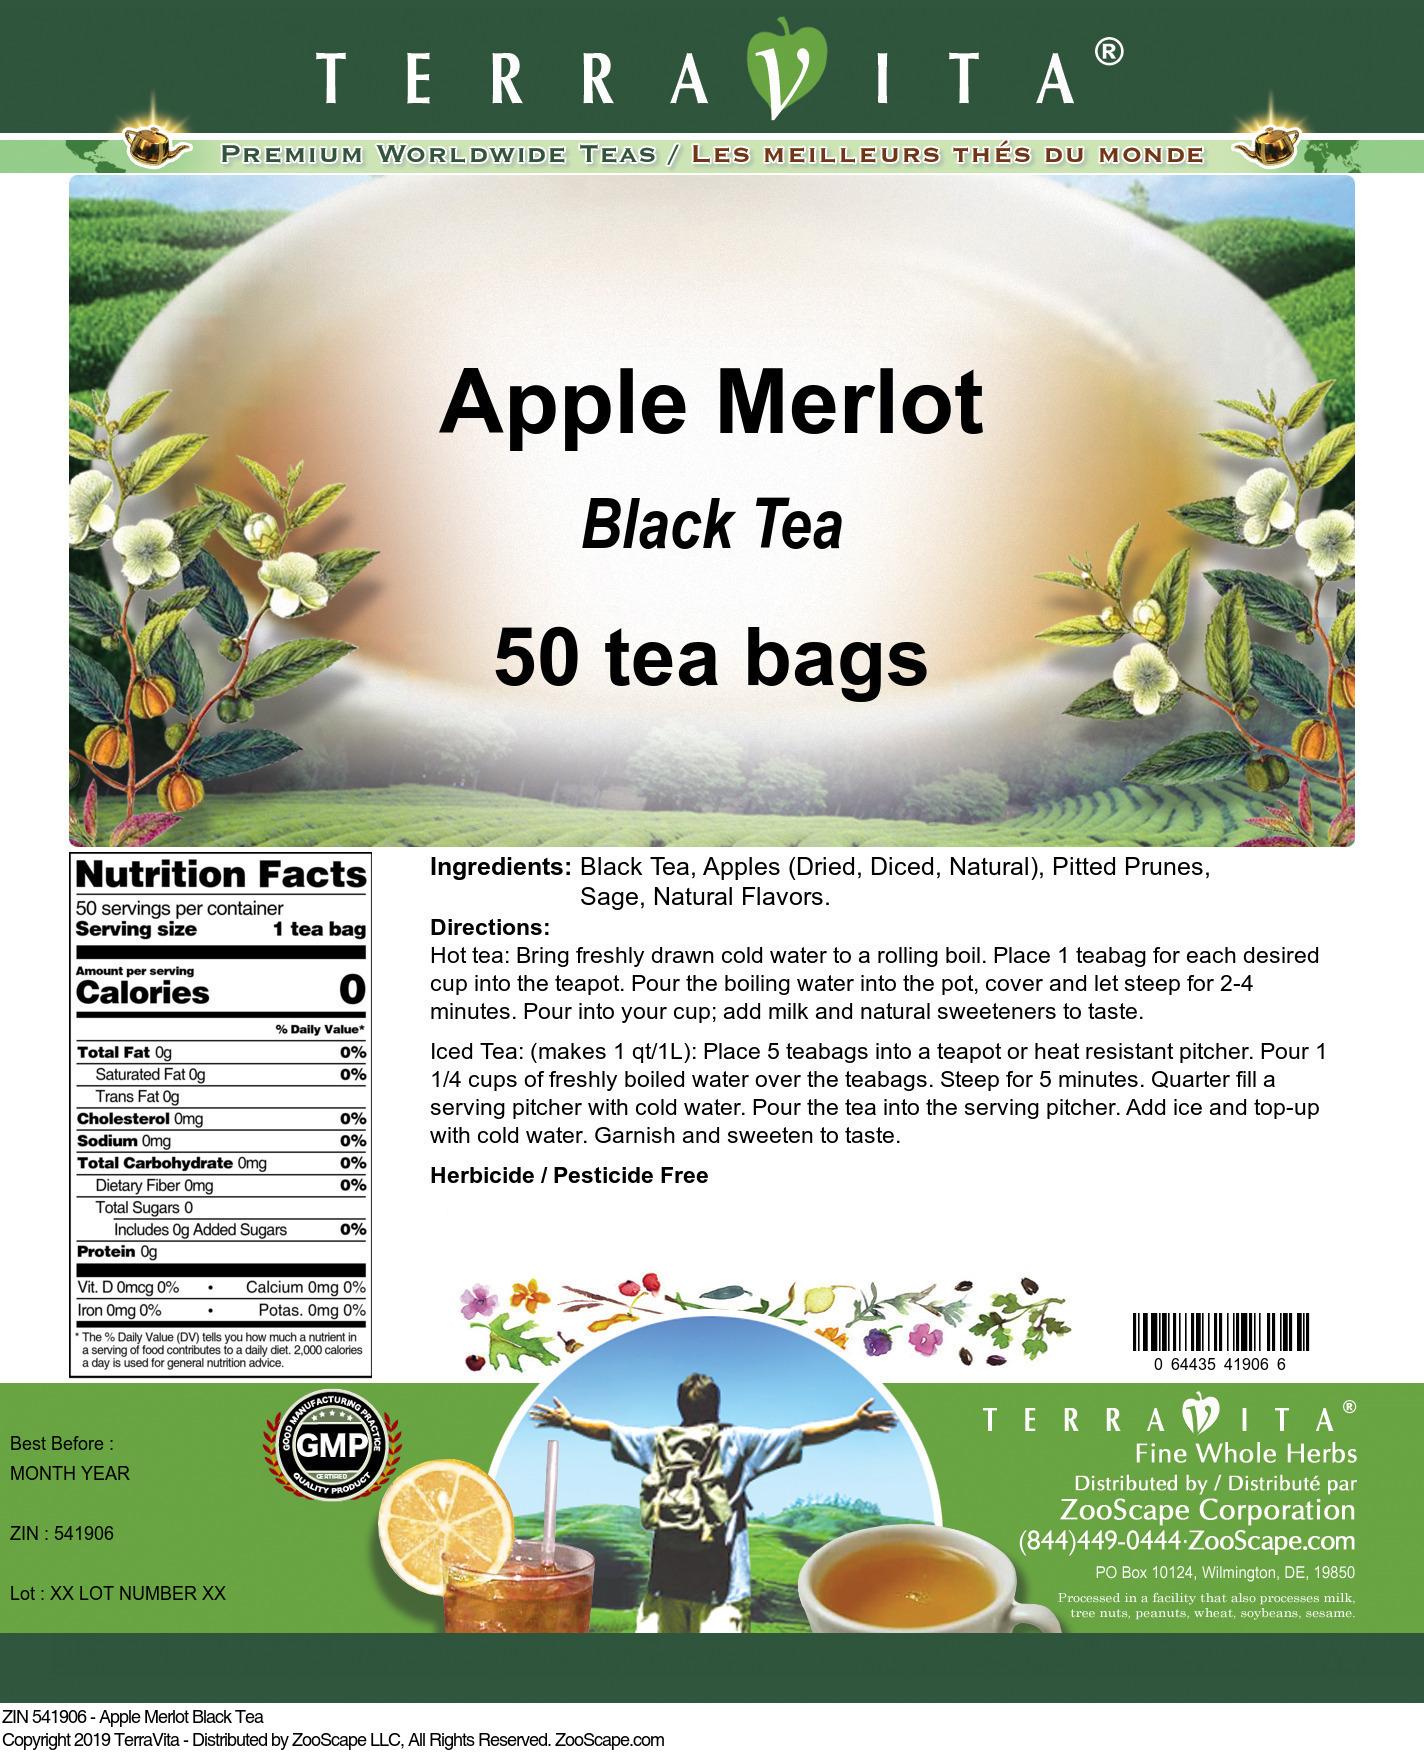 Apple Merlot Black Tea